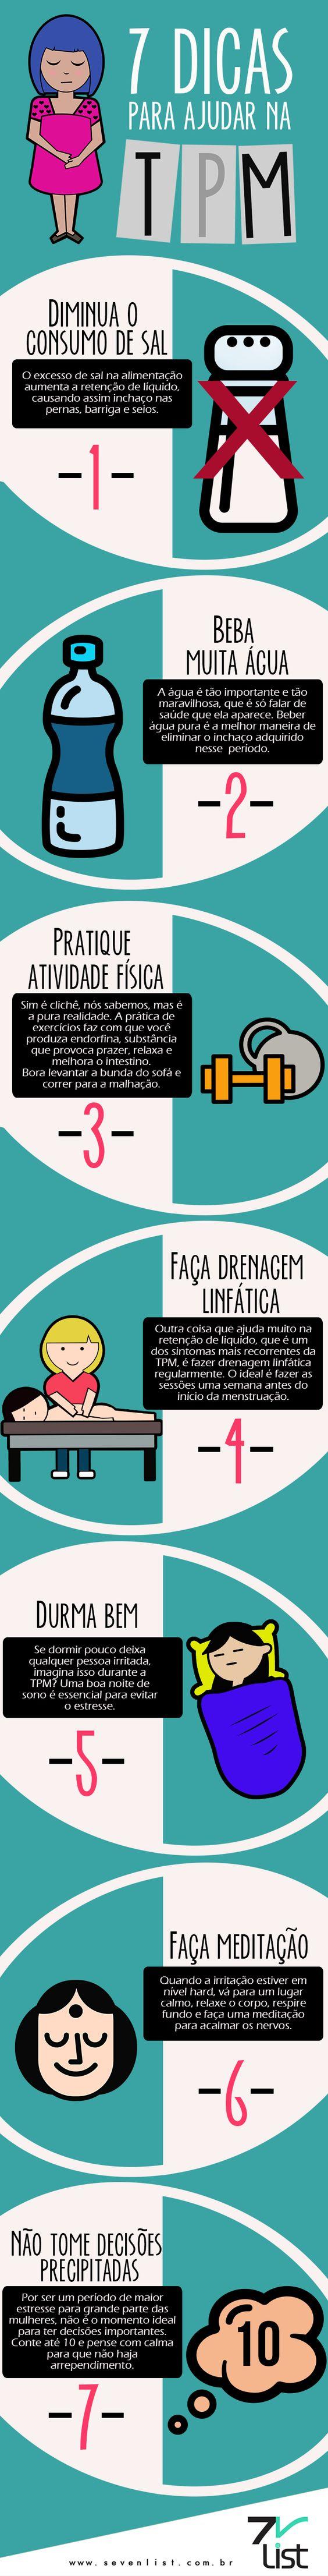 #Infográfico #Design #Art #Saúde #TPM #Alimentação #Exercícios #Lifestyle #Food…: